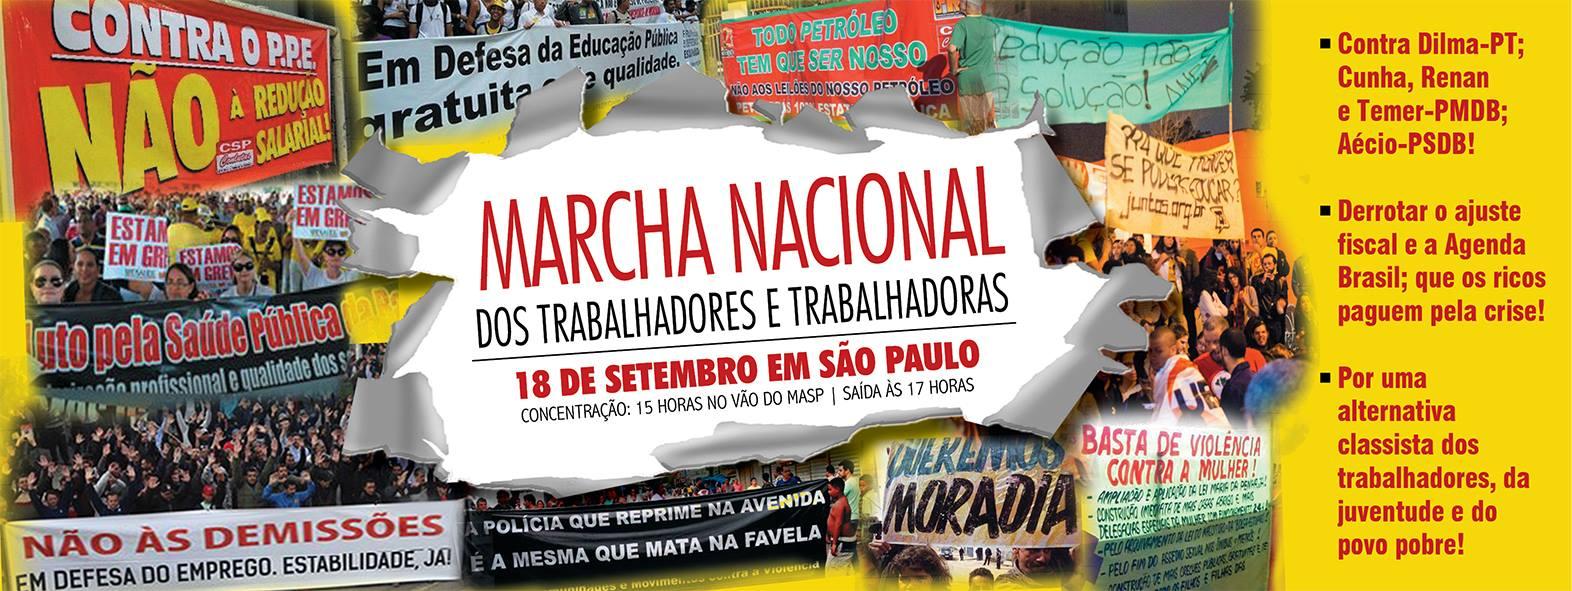 Reunião para Marcha Nacional dos Trabalhadores e Trabalhadoras acontece nesta terça-feira (15)